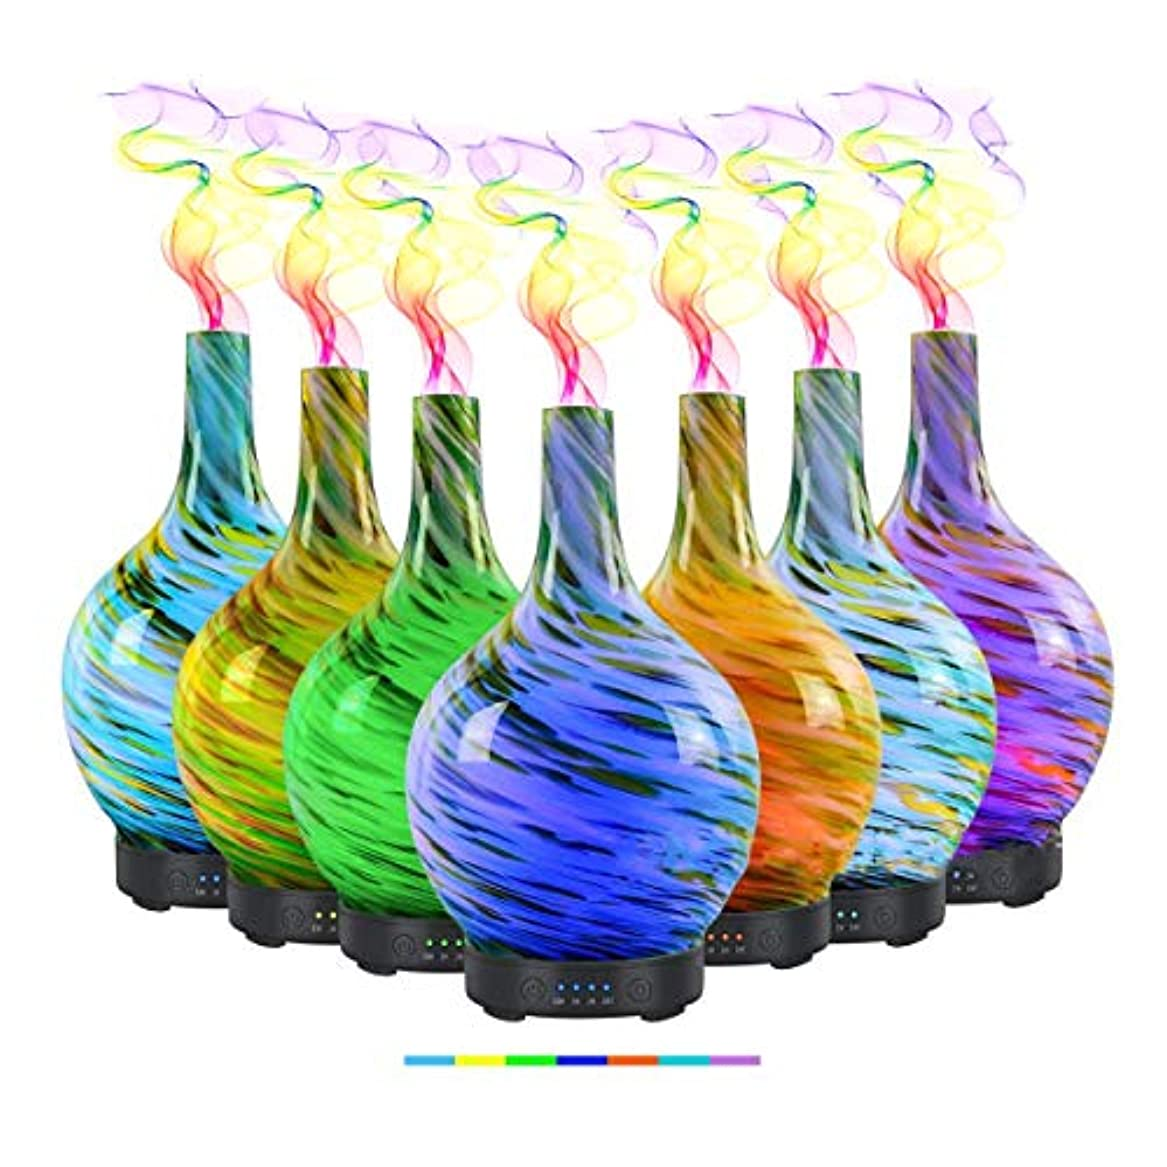 ドーム小さいジェームズダイソンディフューザーエッセンシャルオイル (100ml)-3 d アートガラス葉海アロマ加湿器7色の変更 LED ライト & 4 タイマー設定、水なしの自動シャットオフ